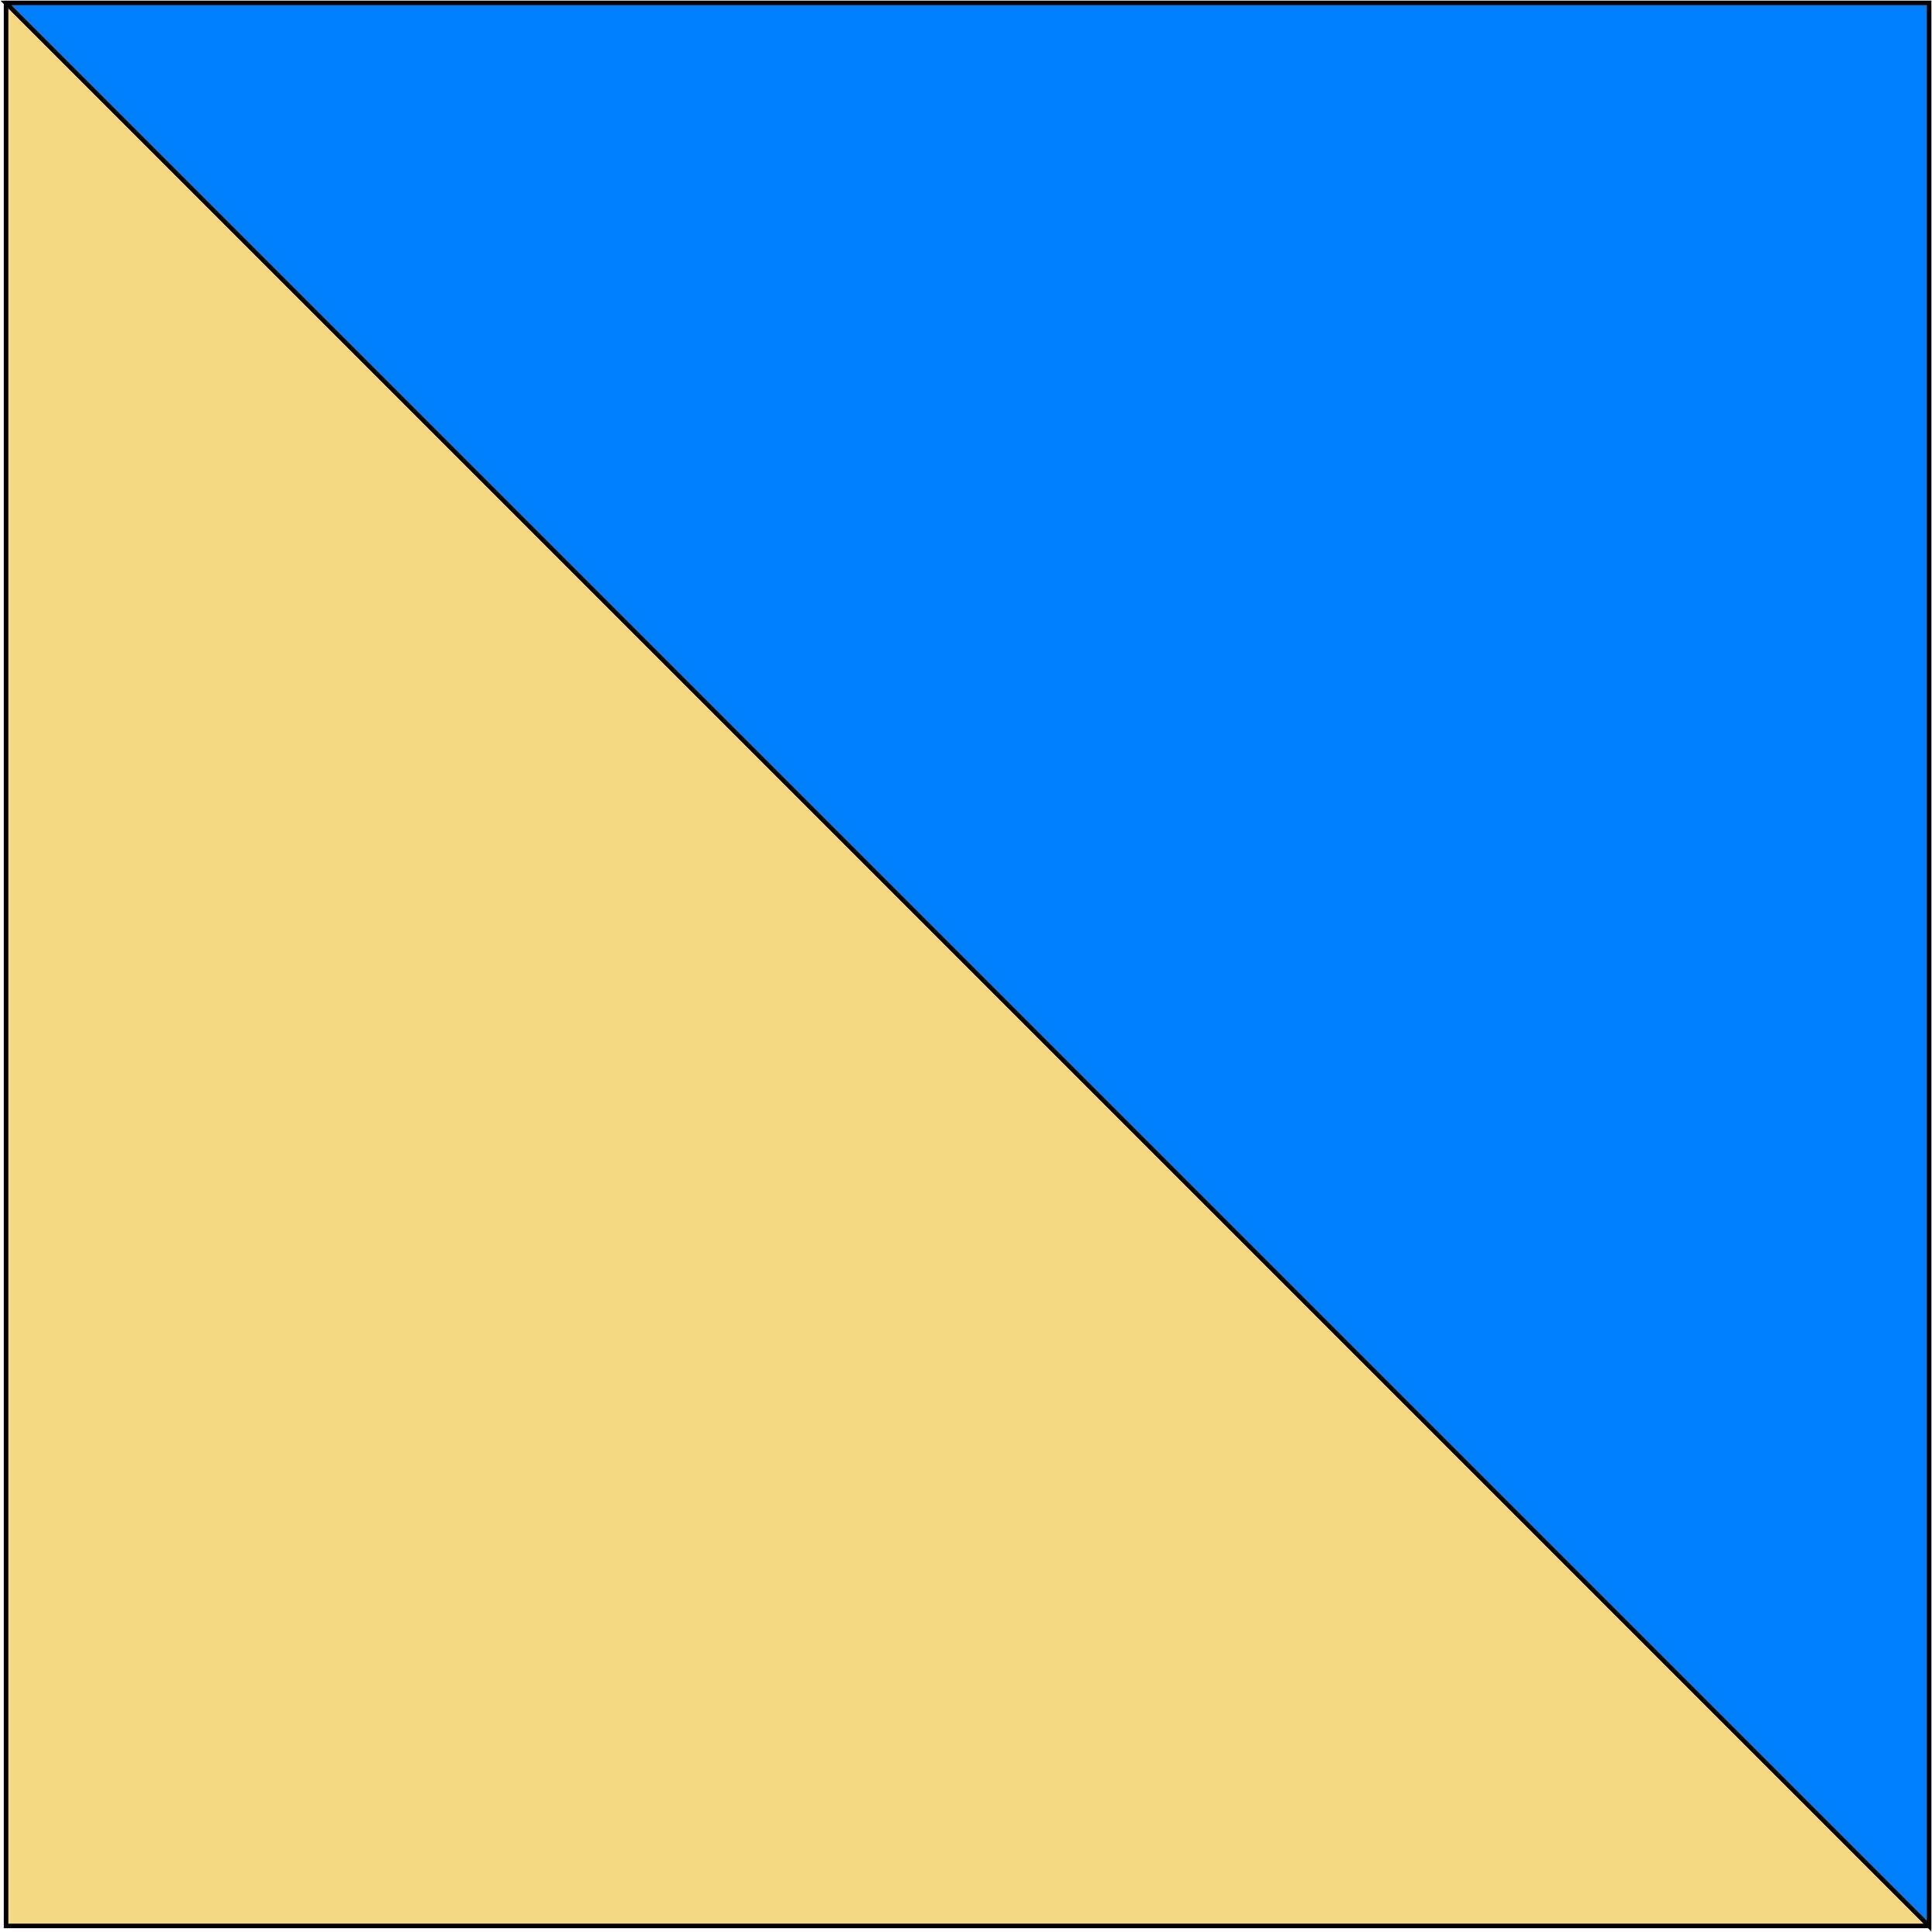 kremowy/niebieski